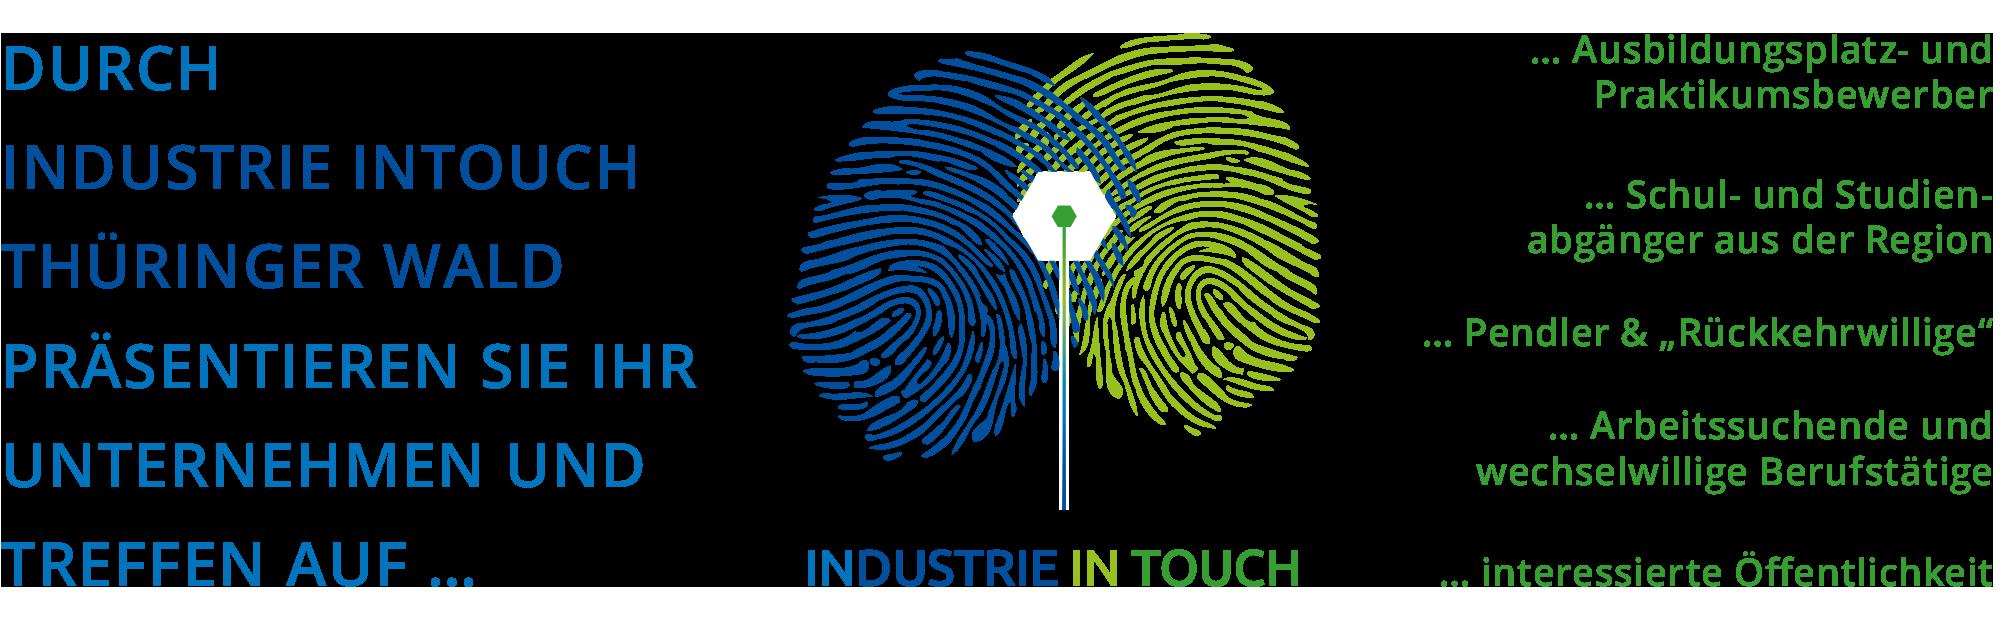 Konzept von INDUSTRIE INTOUCH Thüringer Wald: Durch INDUSTRIE INTOUCH präsentieren Sie Ihr Unternehmen und treffen auf Ausbildungsplatz- und Praktikumsbewerber, Schul- und Studienabgänger, Pendler und Rückkehrer, Arbeitssuchende und wechselwillige Berufstätige sowie die interessierte Öffentlichkeit